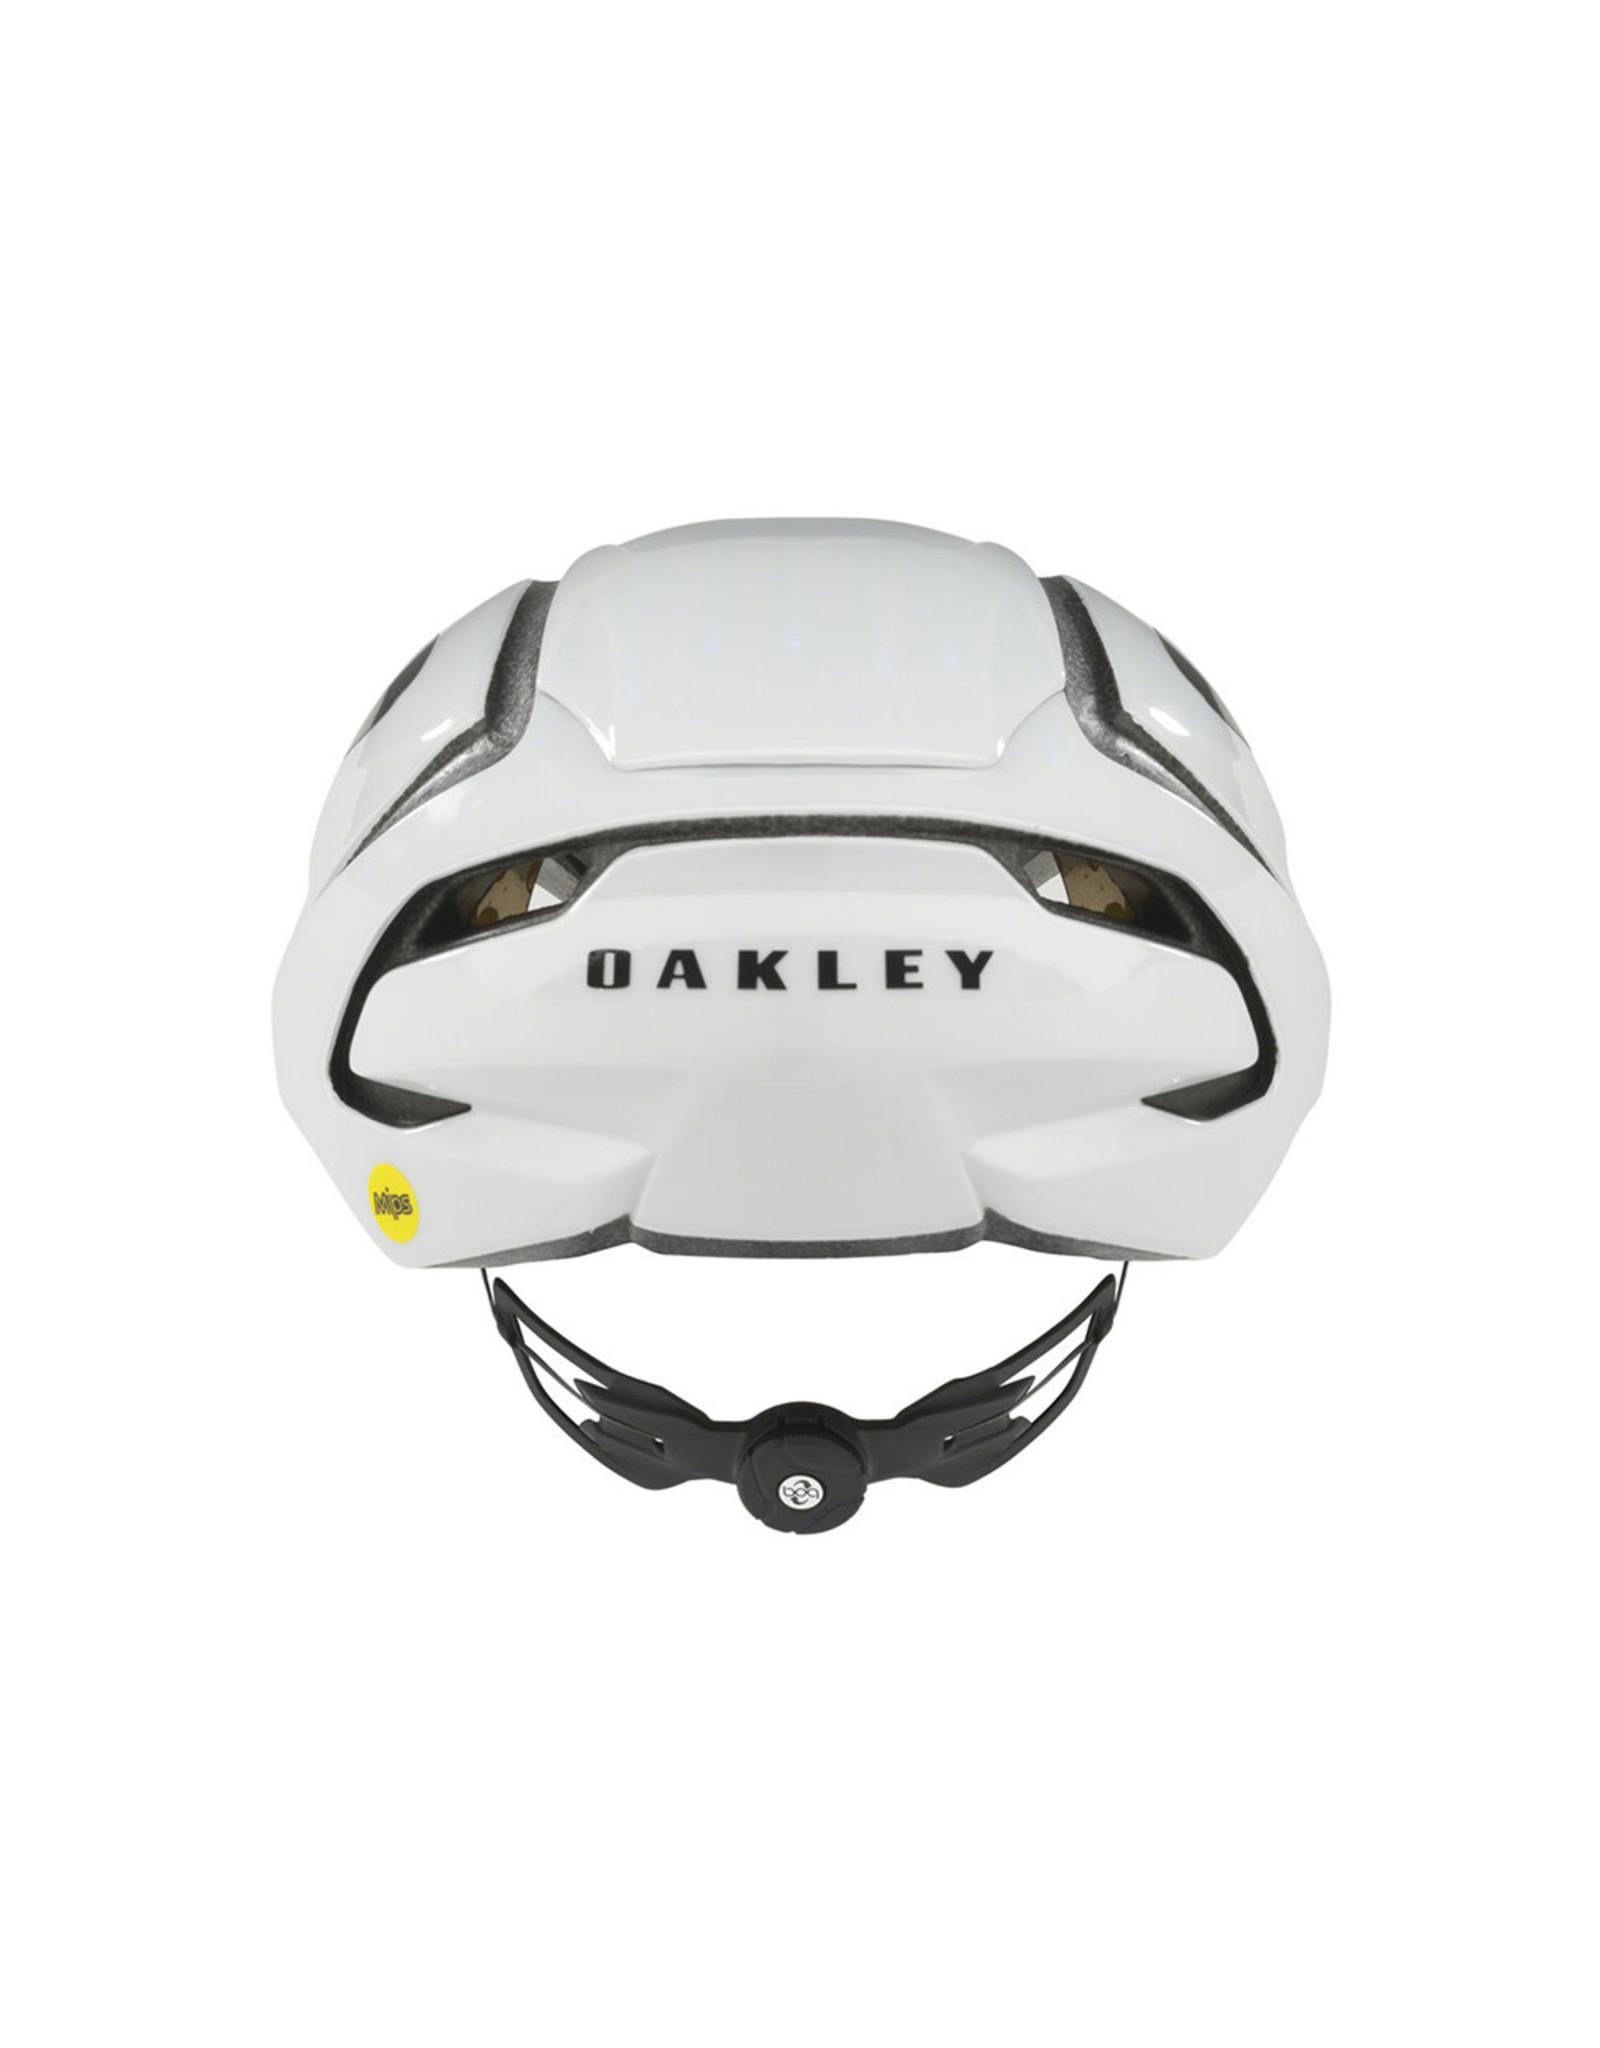 Oakley Oakley - ARO5 White - M